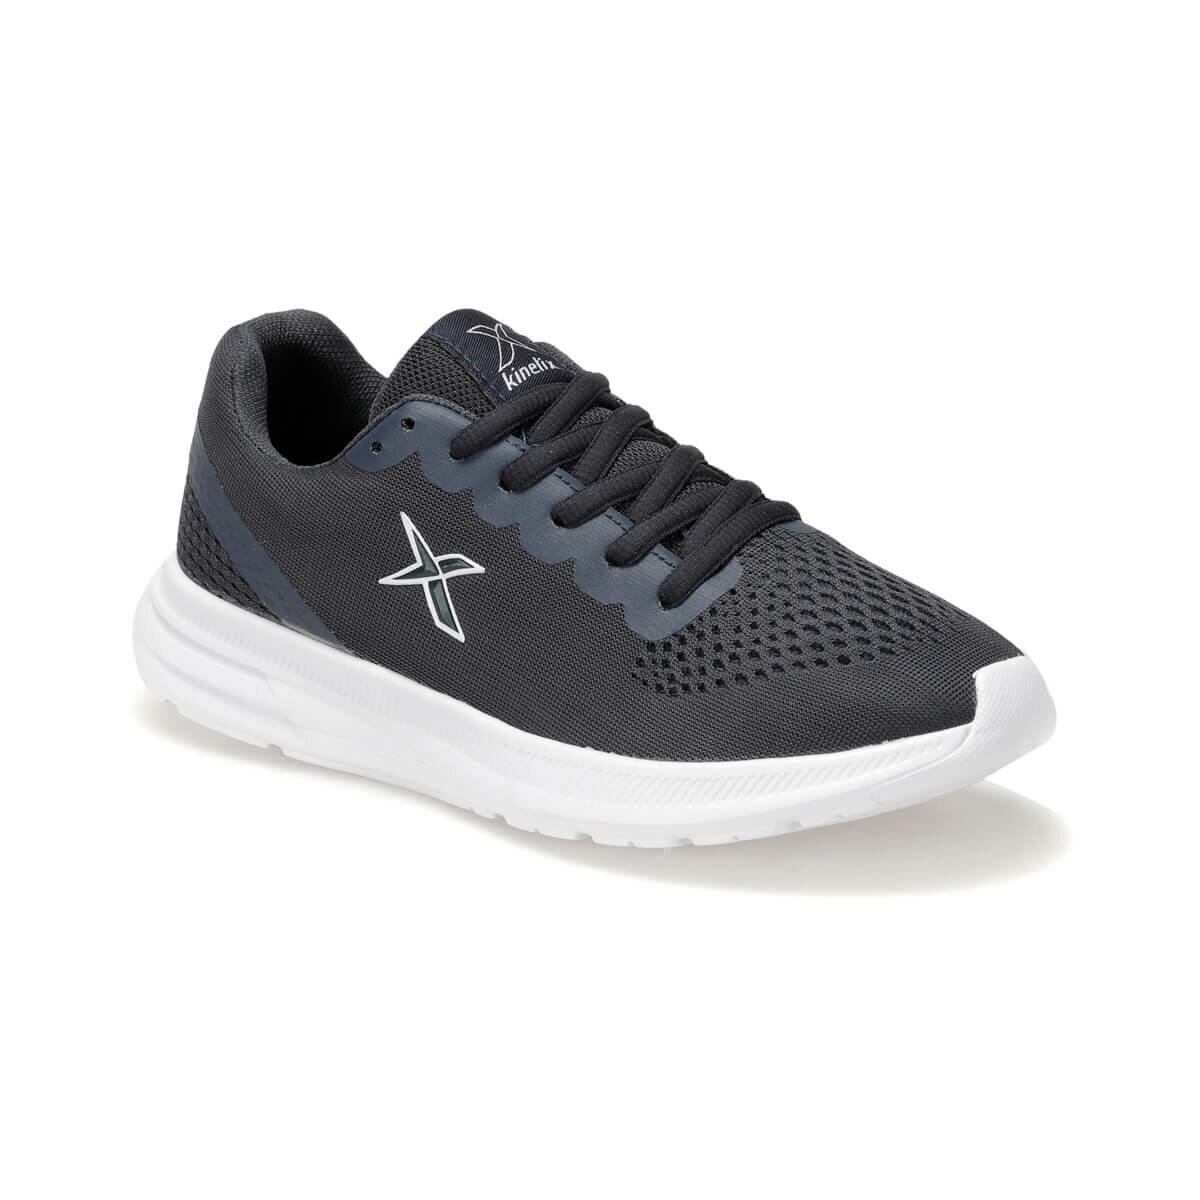 FLO RENDOR Navy Blue Men 'S Running Shoe KINETIX